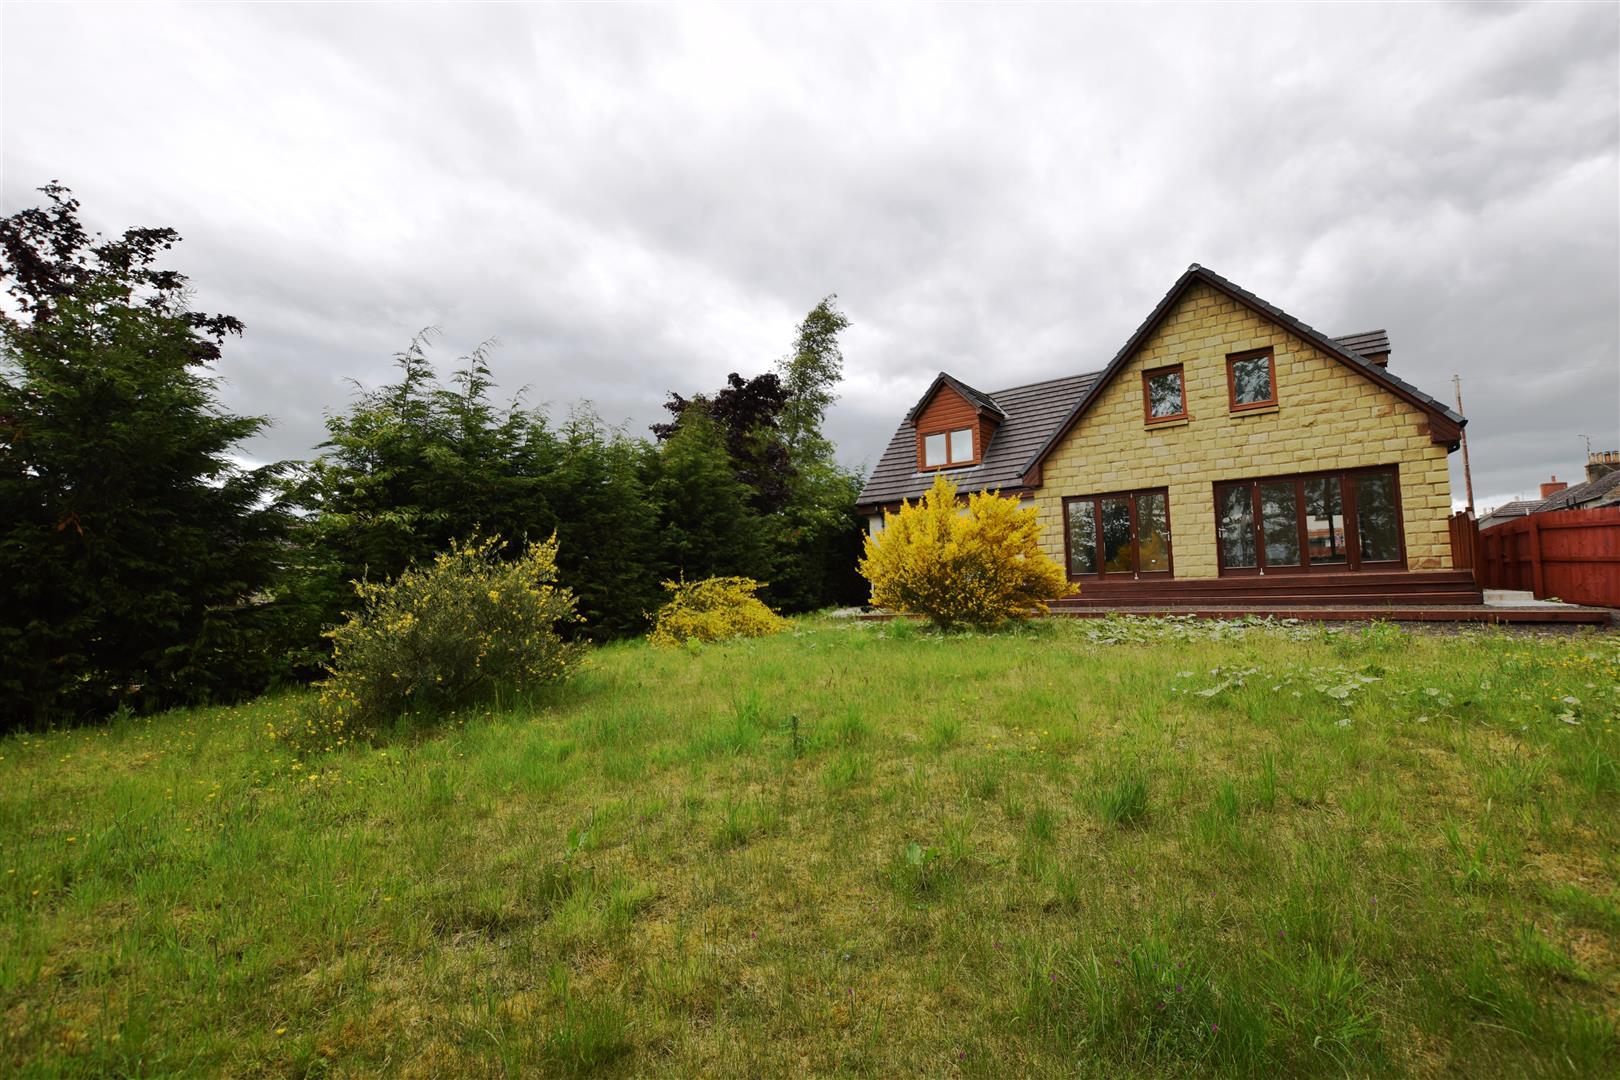 Deuchar Lodge, Cambusburn Road, Guildtown, Perthshire, PH2 6BZ, UK